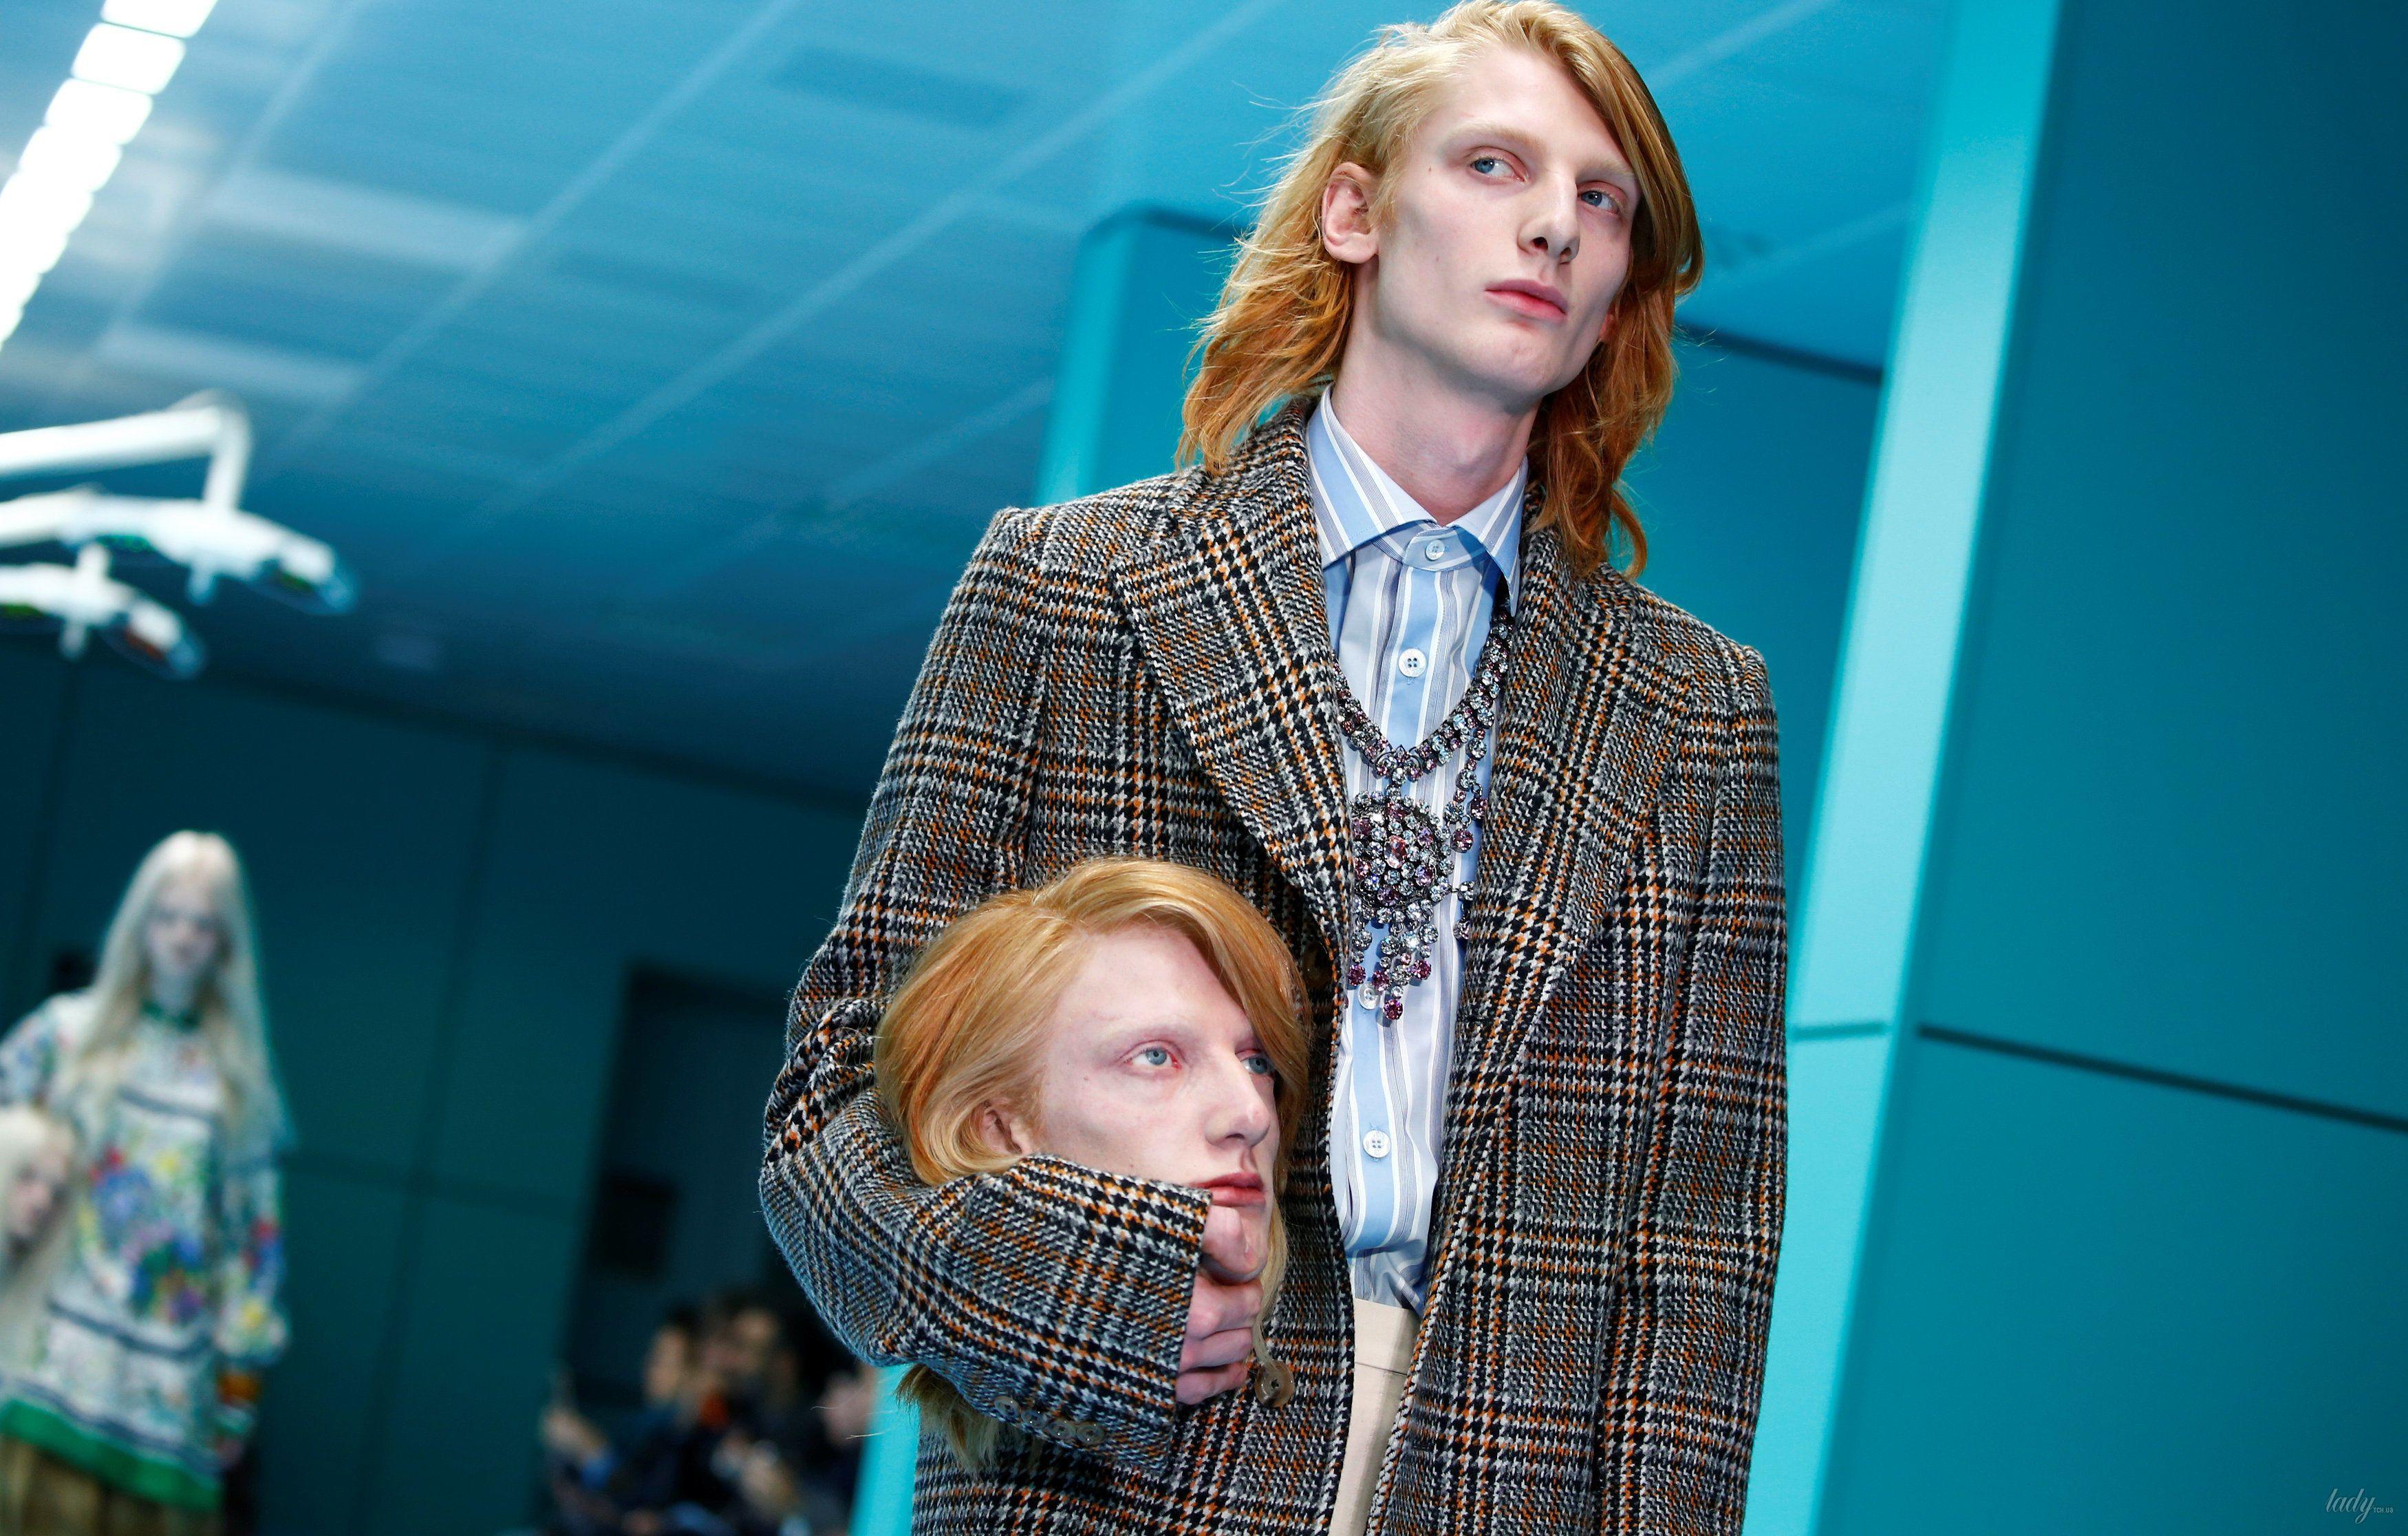 Показ коллекции бренда Gucci в Милане_22